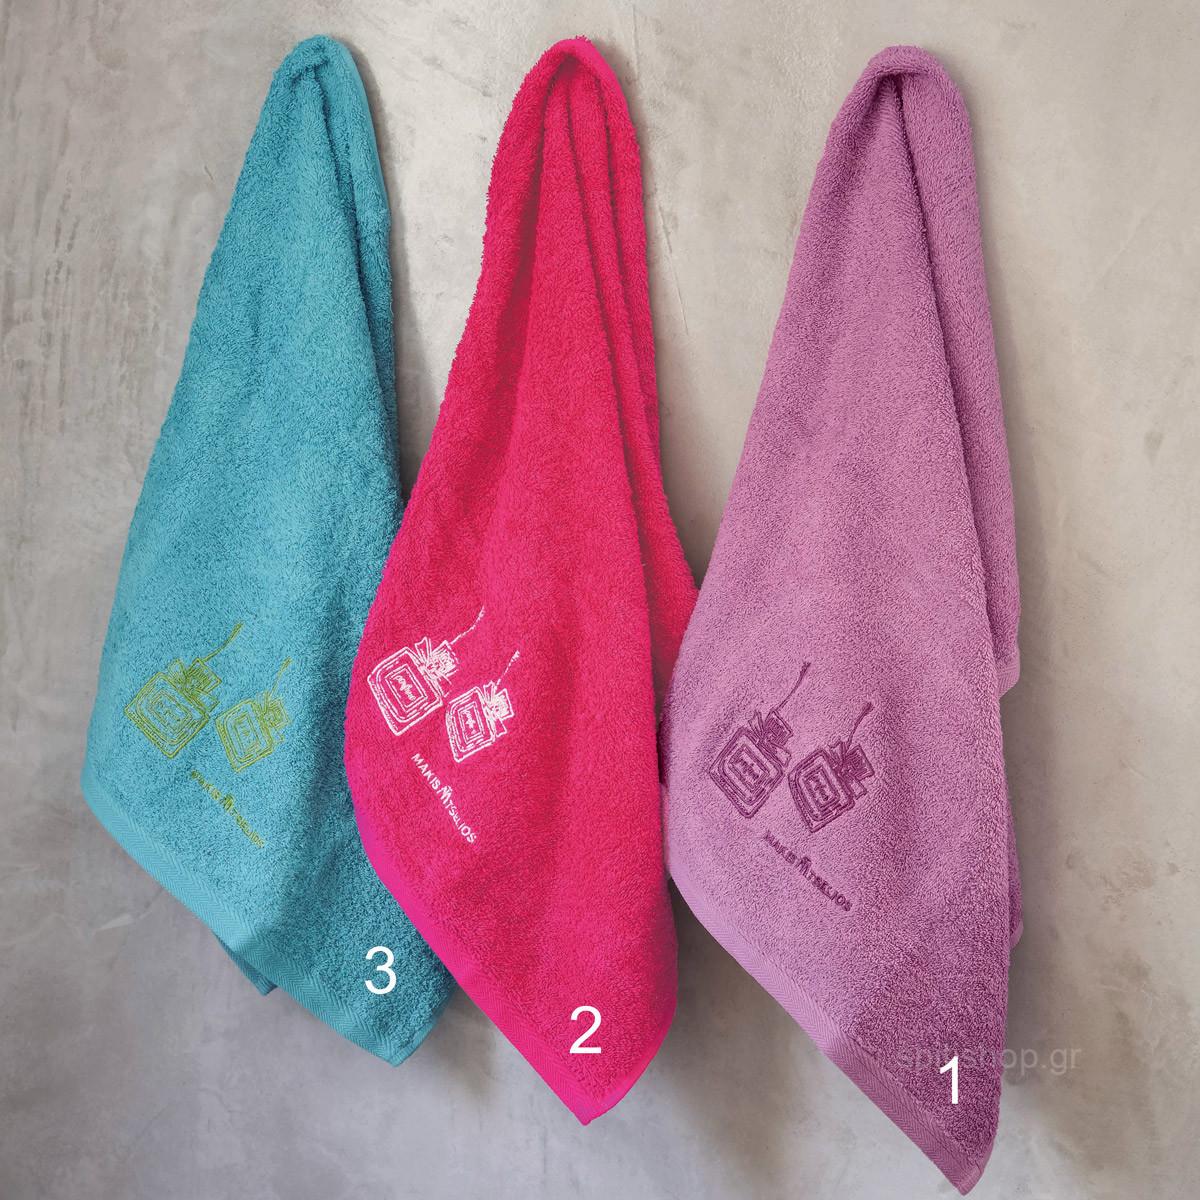 Πετσέτες Μπάνιου (Σετ 3τμχ) Makis Tselios Perfume home   μπάνιο   πετσέτες μπάνιου